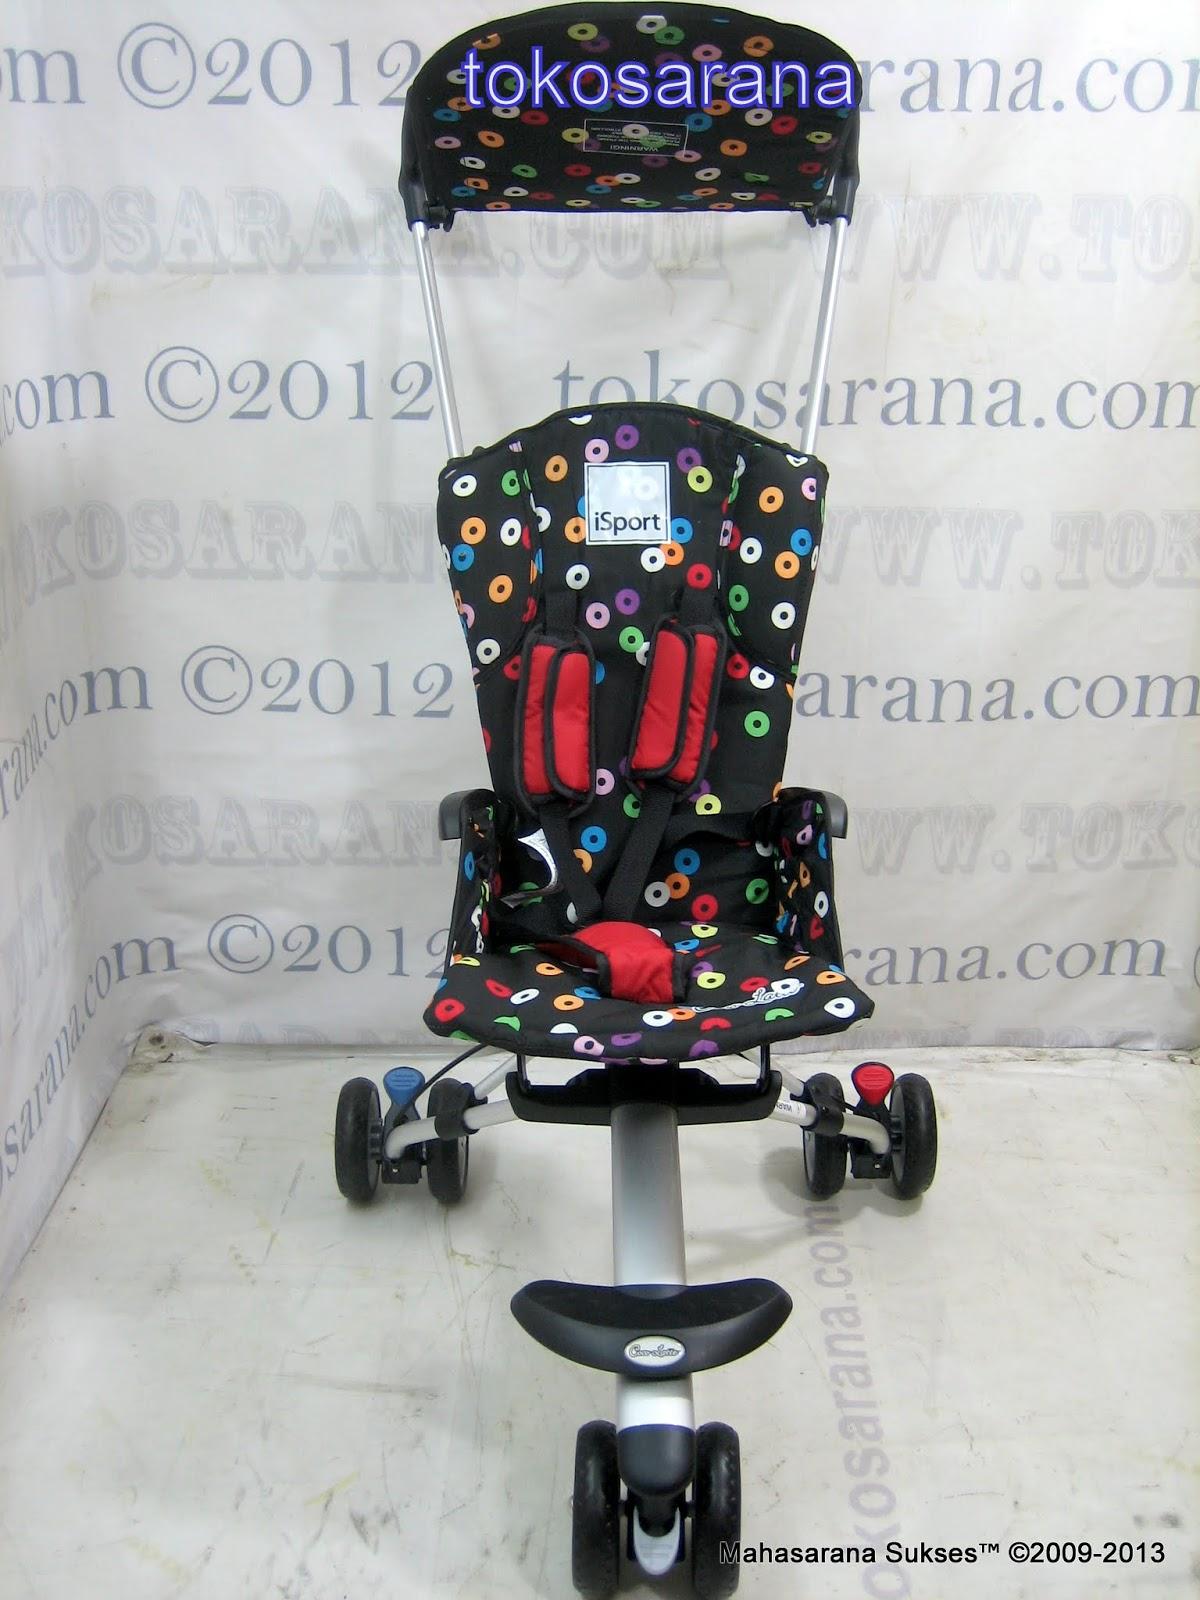 swing chair mudah white wing slipcover tokosaranajakarta jatinegara mahasarana suksesbandung